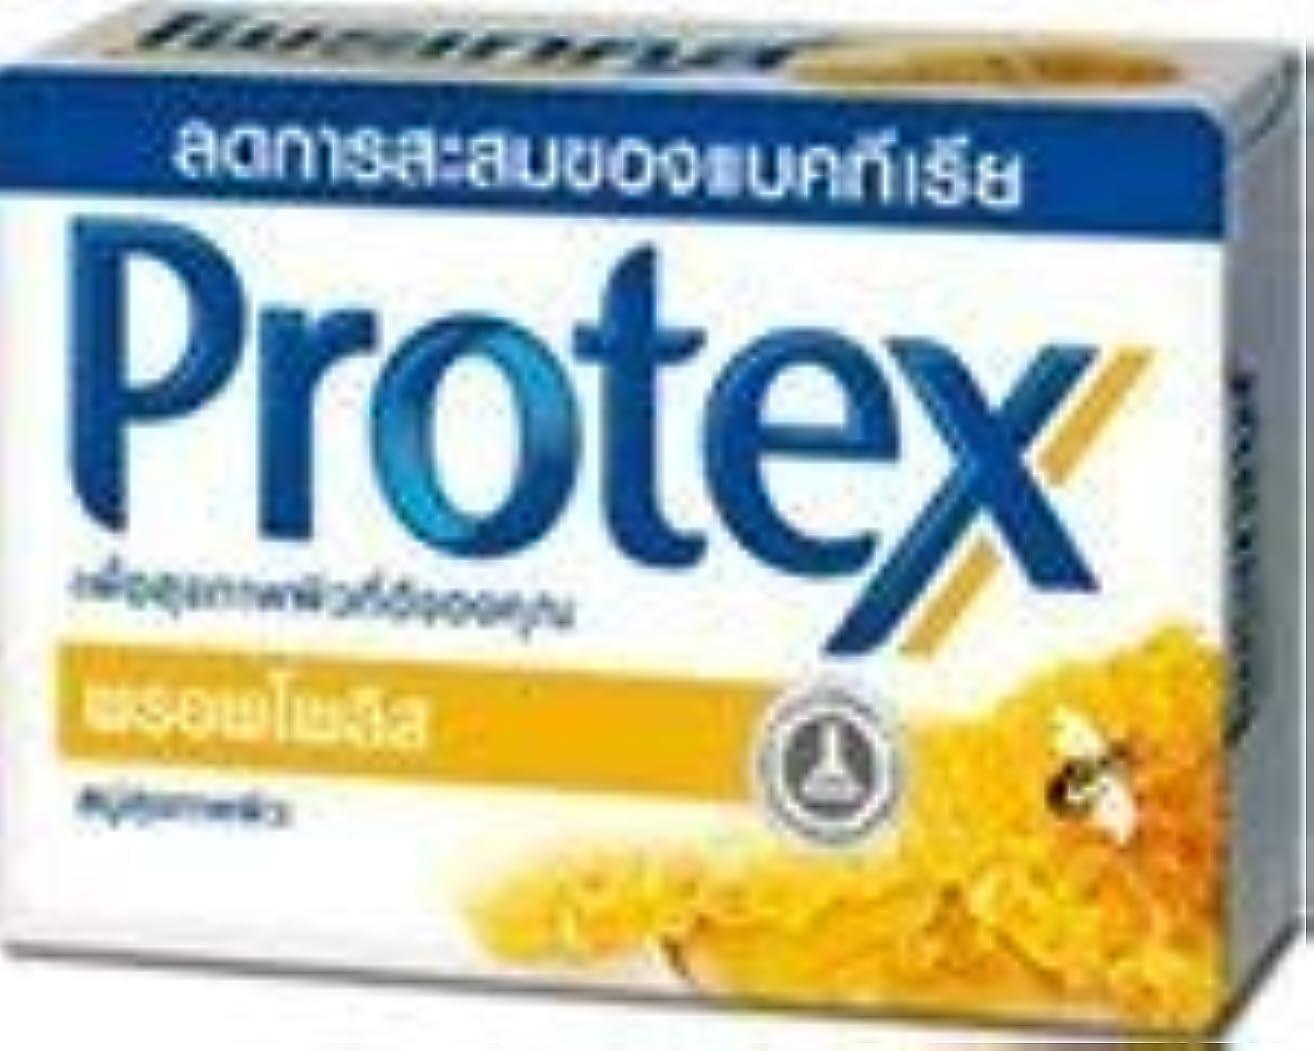 マニアック成熟剛性Protex, Bar Soap, Propolis, 75 g x 4 by Ni Yom Thai shop